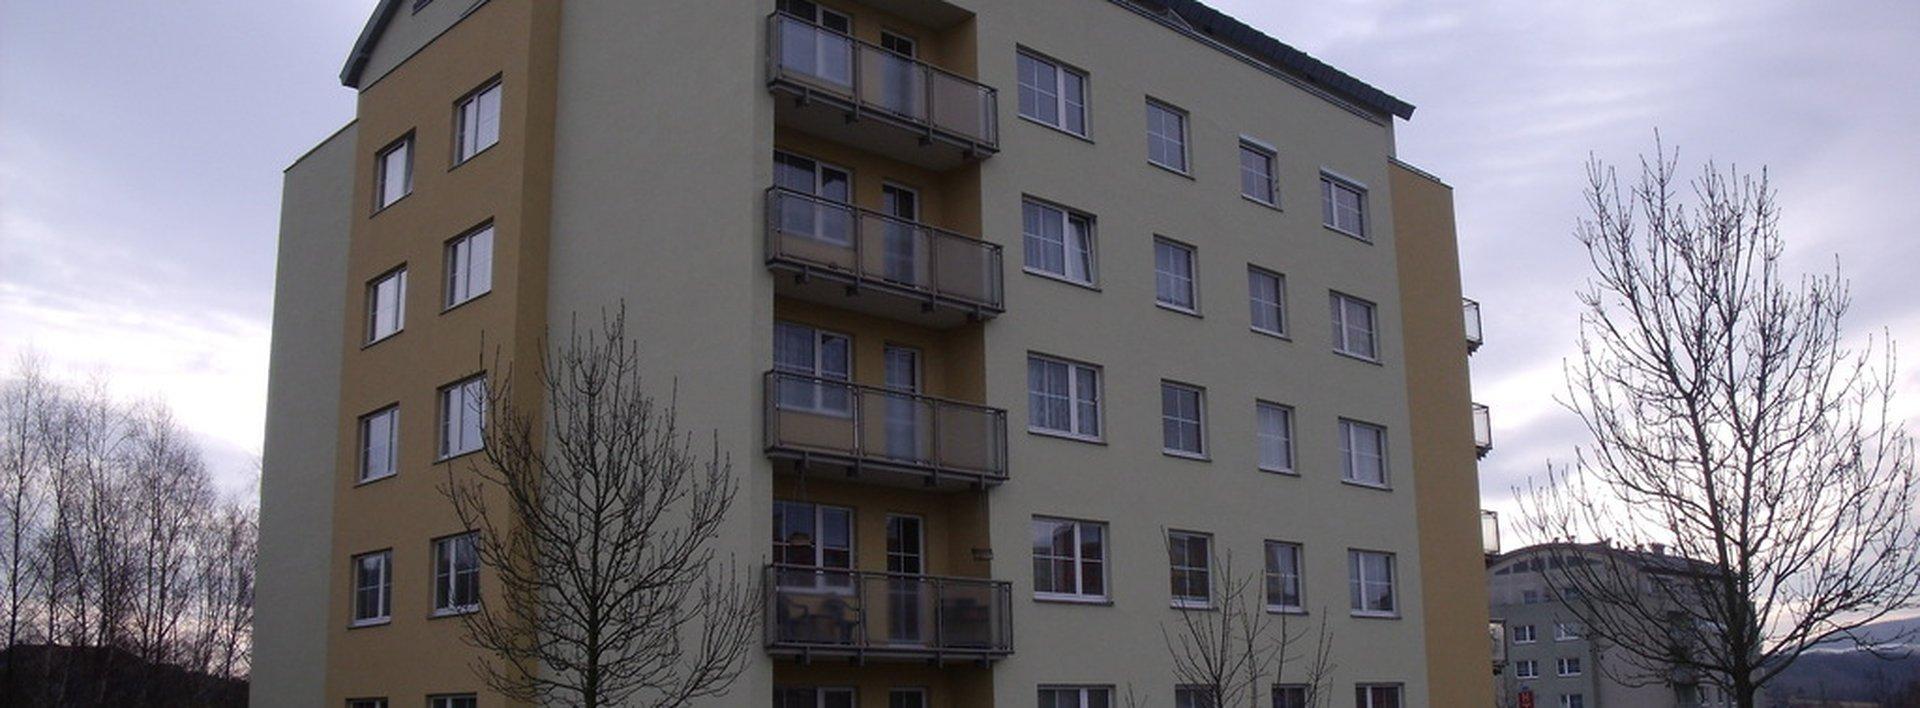 Prodej bytu 1+1 v novostavbě, ul. Pastelová, Liberec - Rochlice, Ev.č.: N47028